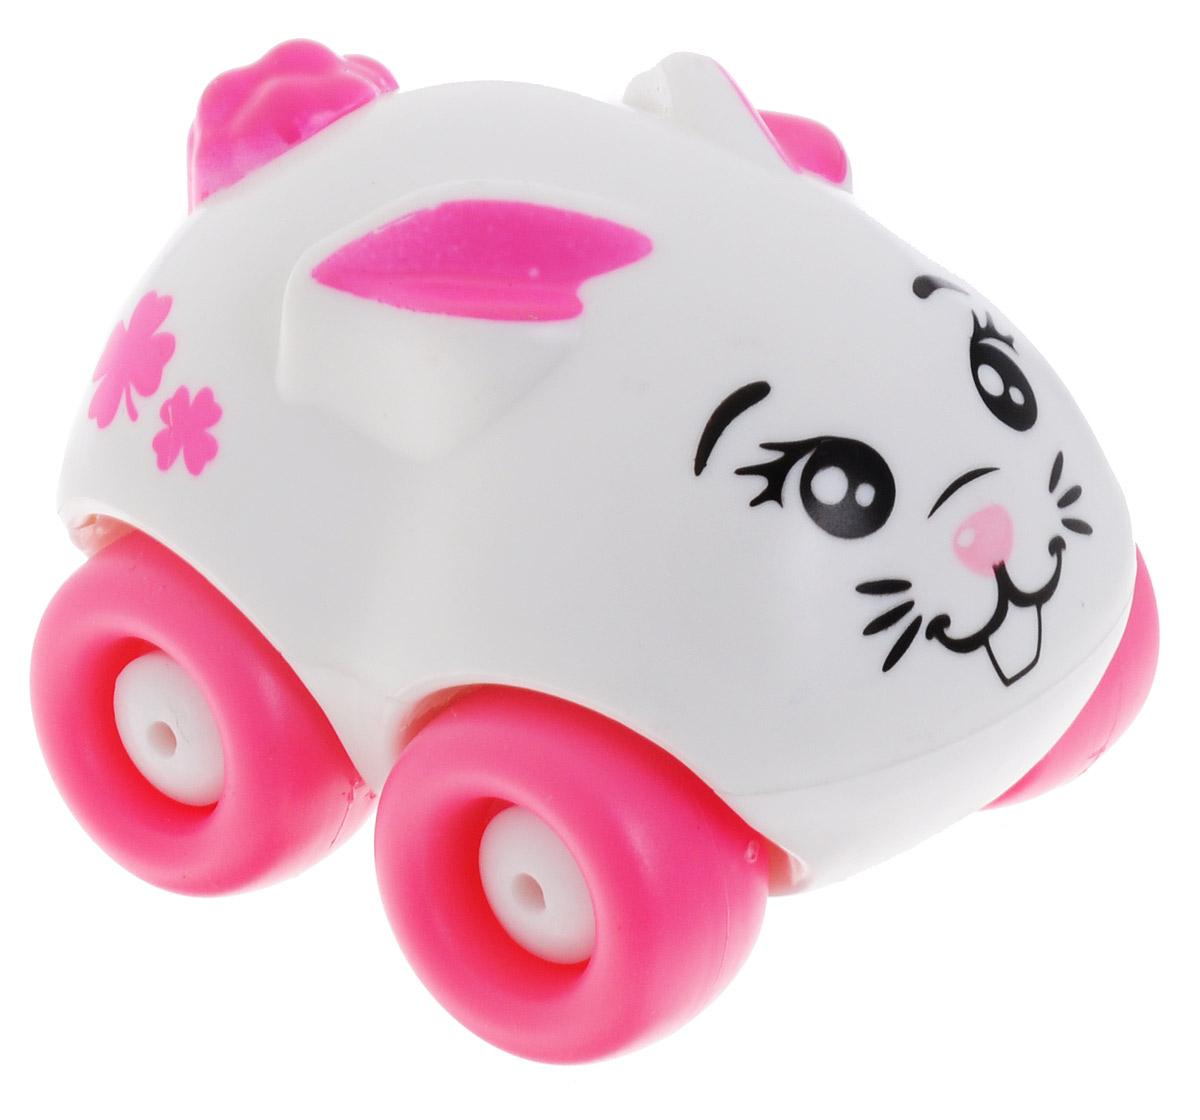 Машинка Smoby Animal Planet: Зайчик, цвет: белый, розовый211349_зайчик, белыйМашинка Smoby Animal Planet: Зайчик привлечет внимание вашего ребенка и не позволит ему скучать. Машинка оформлена очаровательной мордочкой кролика, а также дополнена двумя длинными ушками и небольшим хвостиком. Колесики машинки вращаются. Игрушка выполнены из прочного пластика и не имеют острых граней, что делает их безопасными для игры. Игры с такой машинкой развивают концентрацию внимания, координацию движений, мелкую и крупную моторику, цветовое восприятие и воображение. Малыш будет часами играть с машинкой-зверюшкой, придумывая разные истории. Порадуйте своего ребенка таким замечательным подарком!